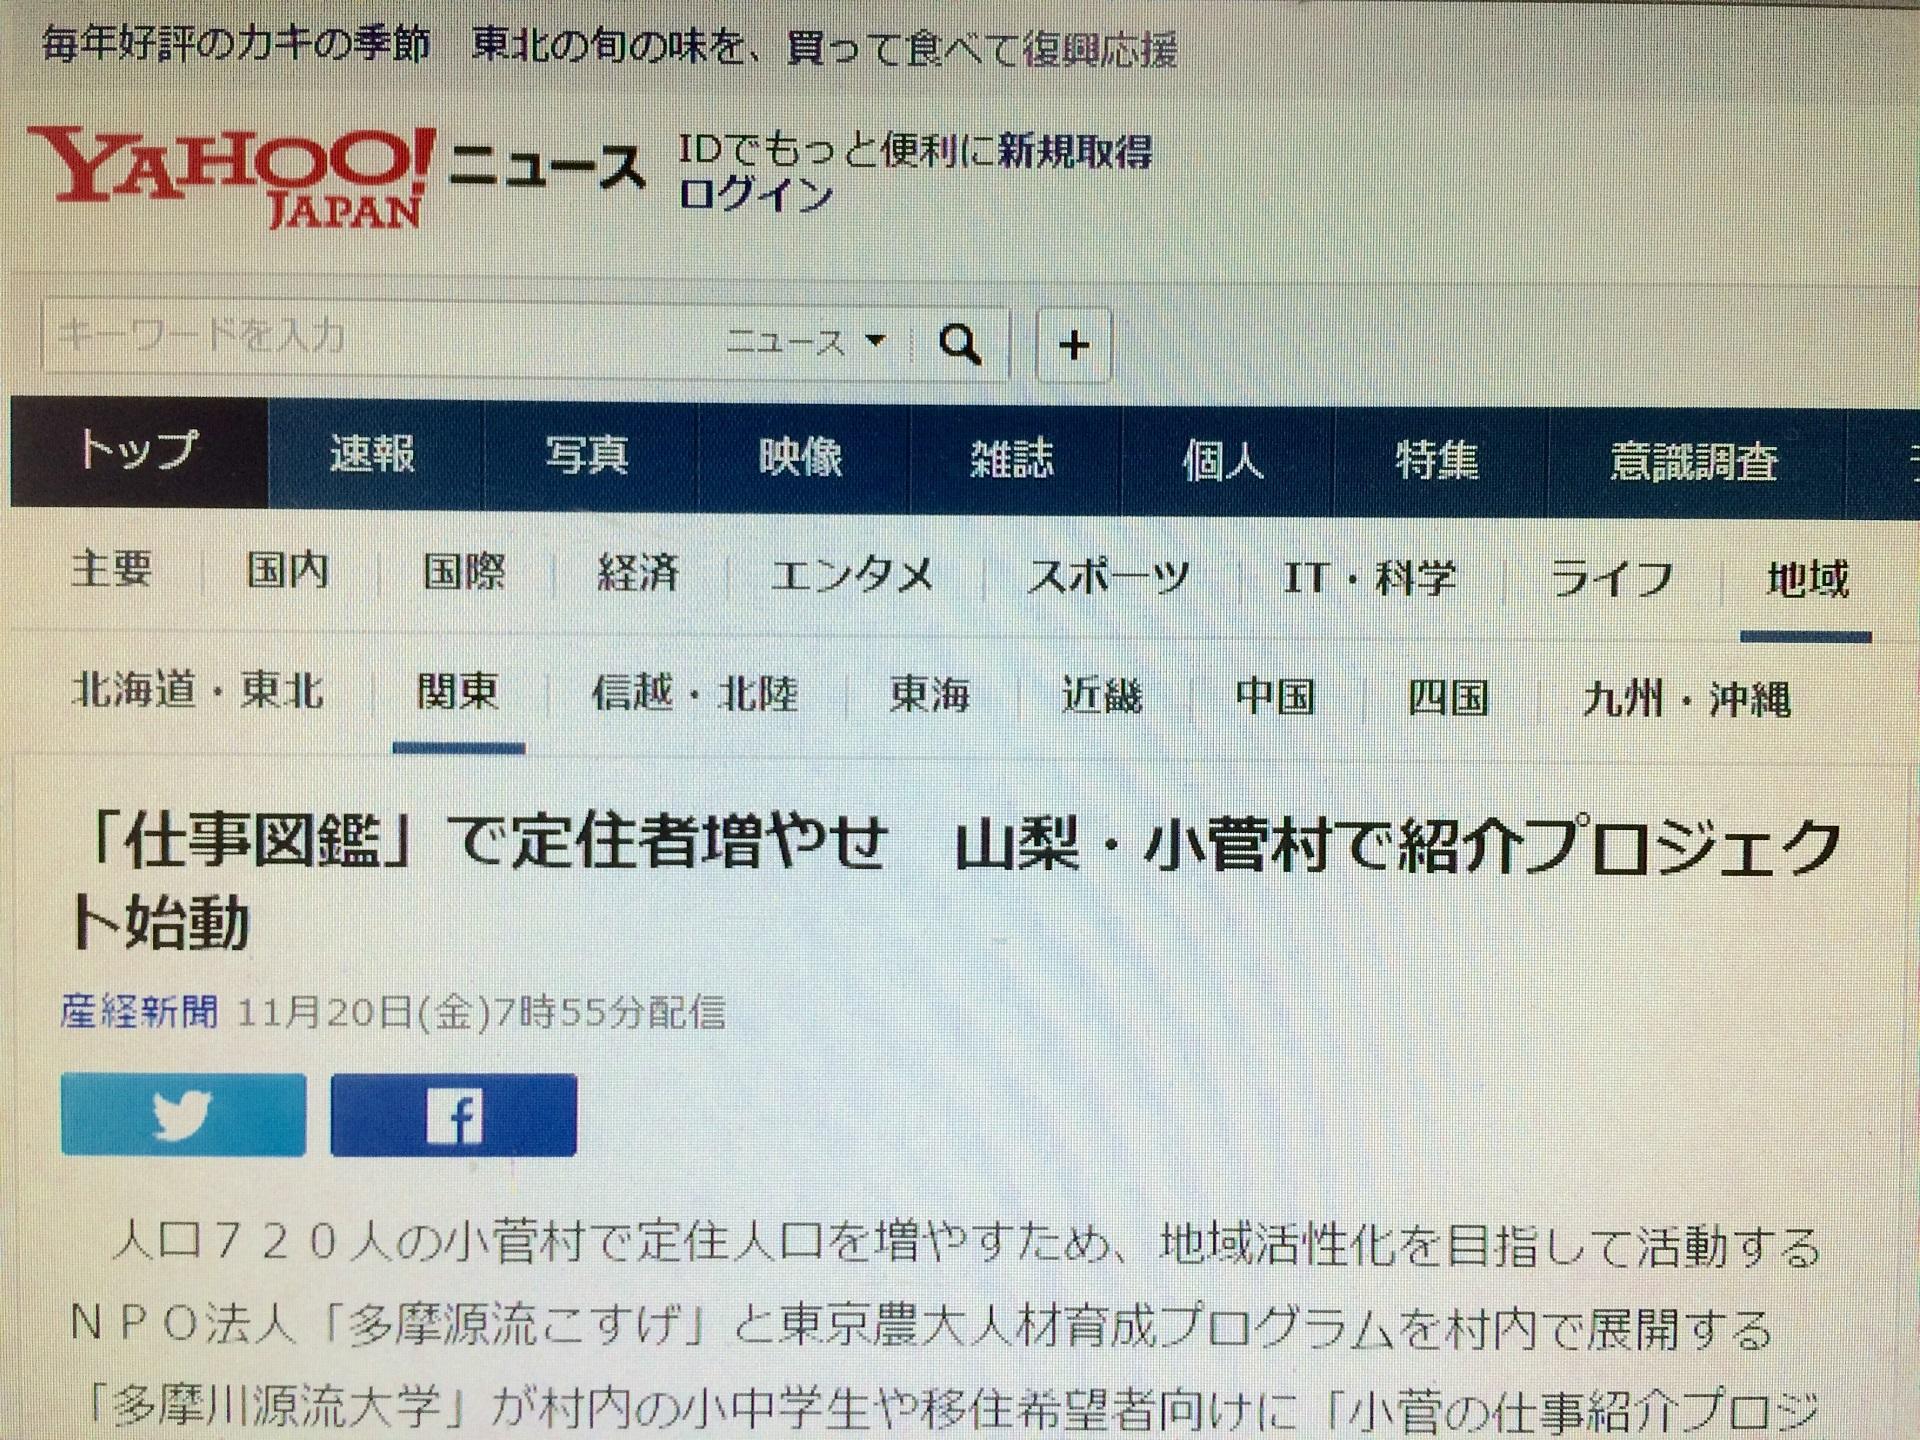 小菅村の仕事紹介プロジェクトが産経新聞・Yahooニュースに掲載されました